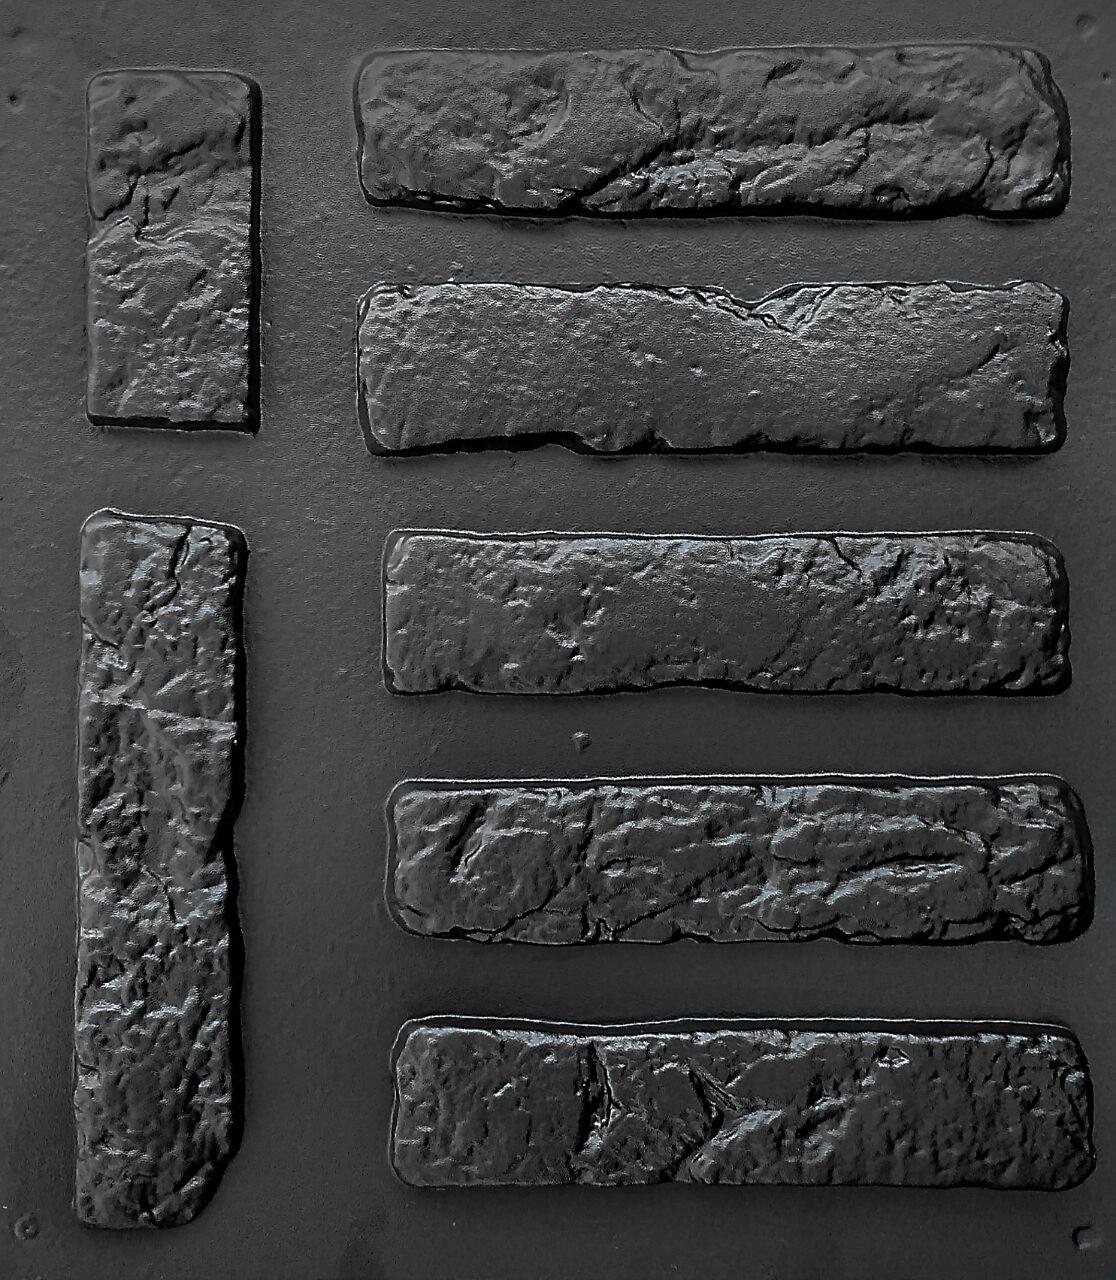 """Комплект """"Старый кирпич"""" - 3 формы для гипсовой плитки. 28х6,5х0,8см. 1 м² = 54 шт. АБС пластиковые формы"""